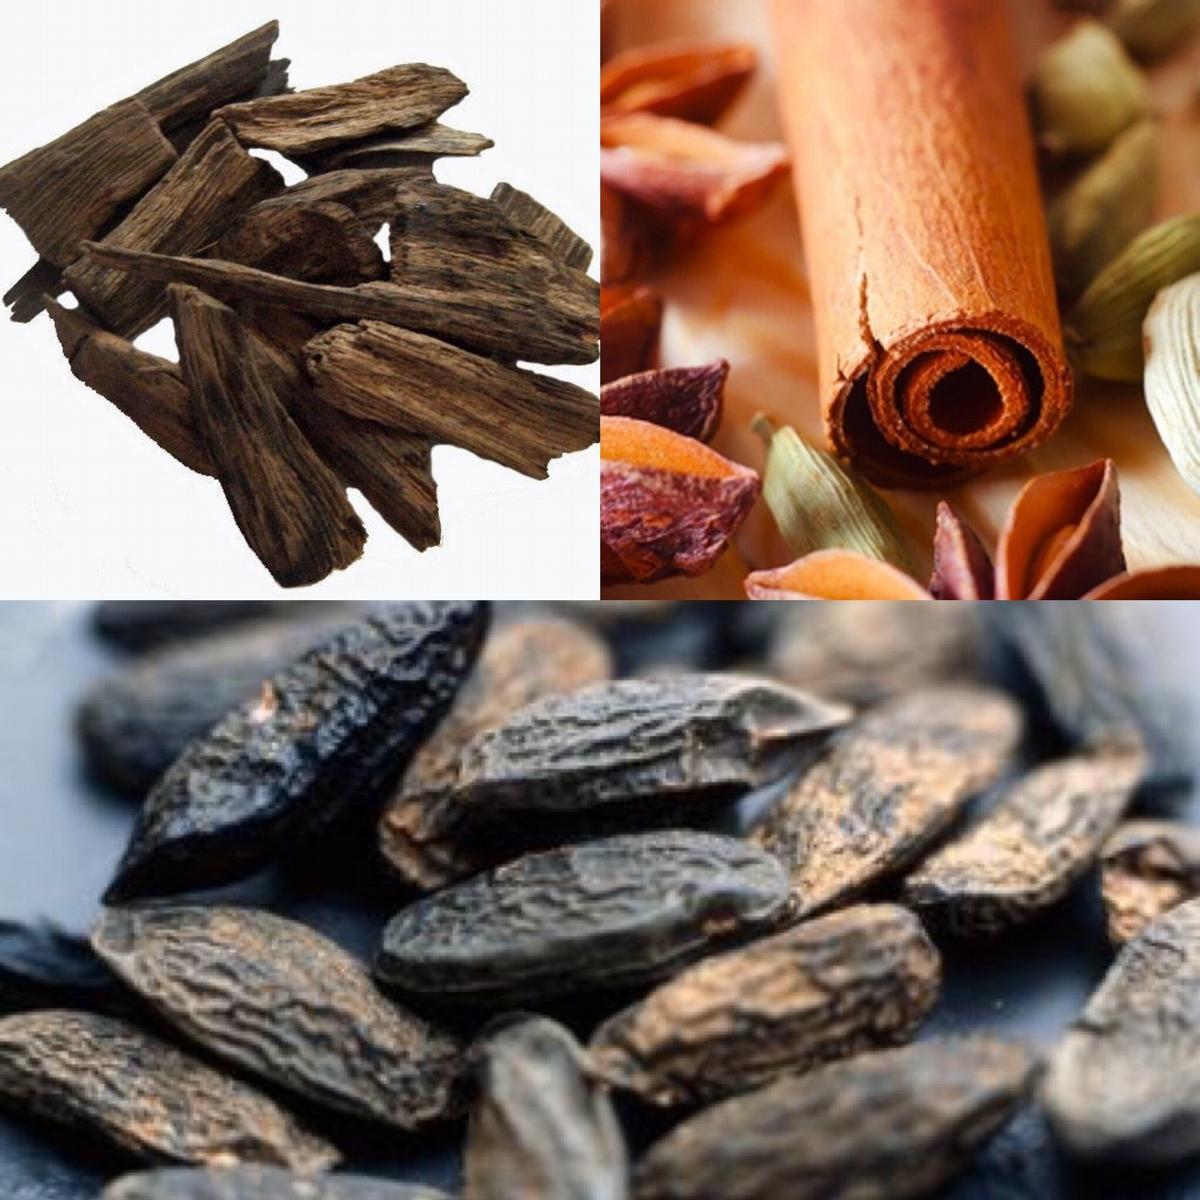 就算沒有男友,也要一款木質調香氛啊,溫暖系的療癒感,噴上後就像被溫暖環抱著